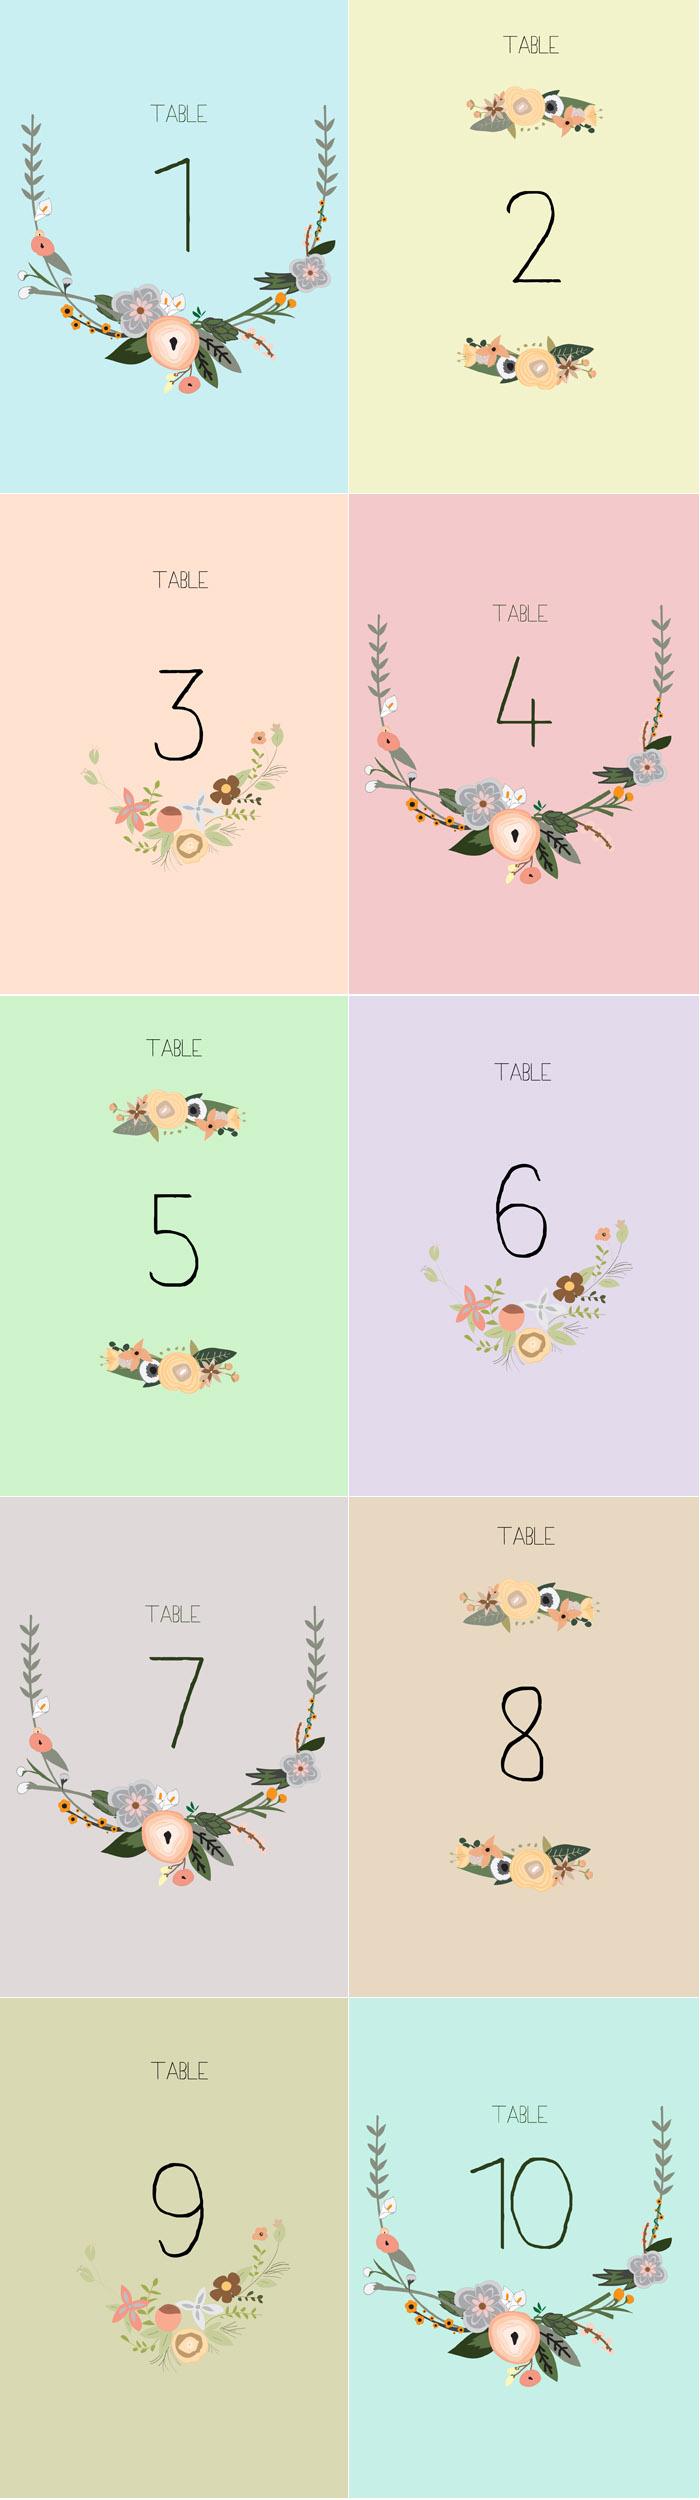 Free Printable Table Numbers - Free Printable Table Numbers 1 30